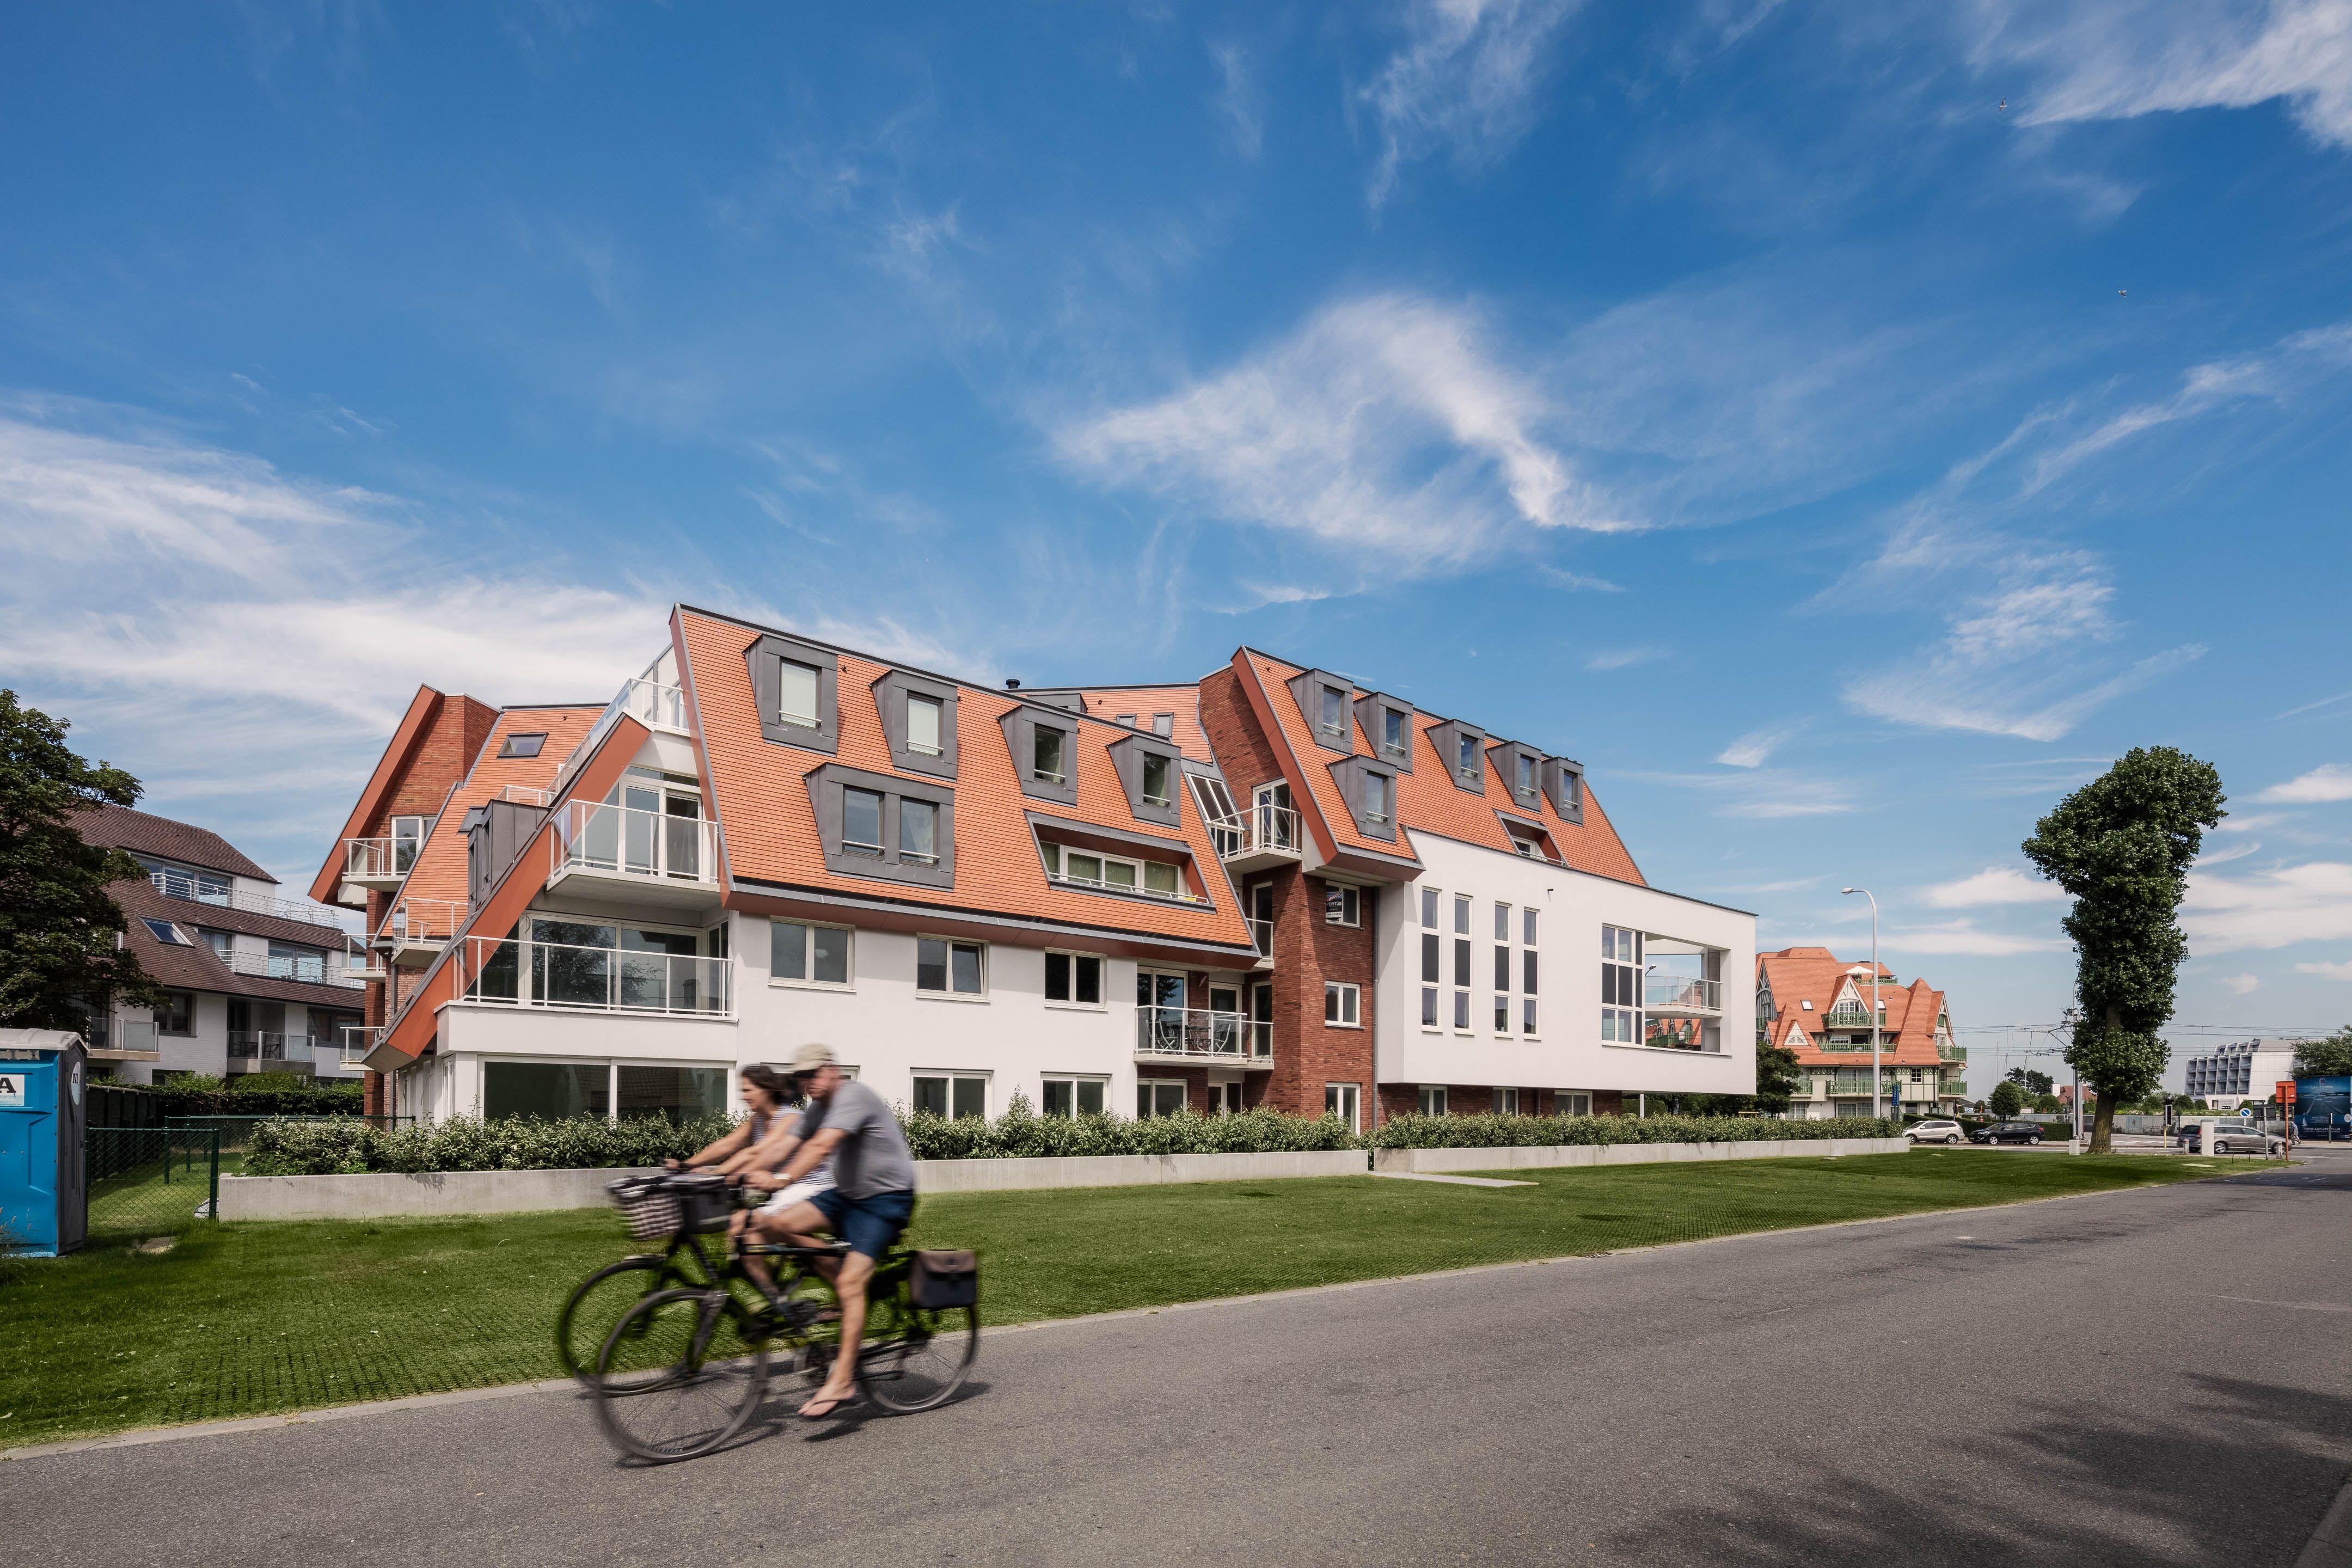 Appartement Residentie Villa Crombez Nieuwpoort - 8397